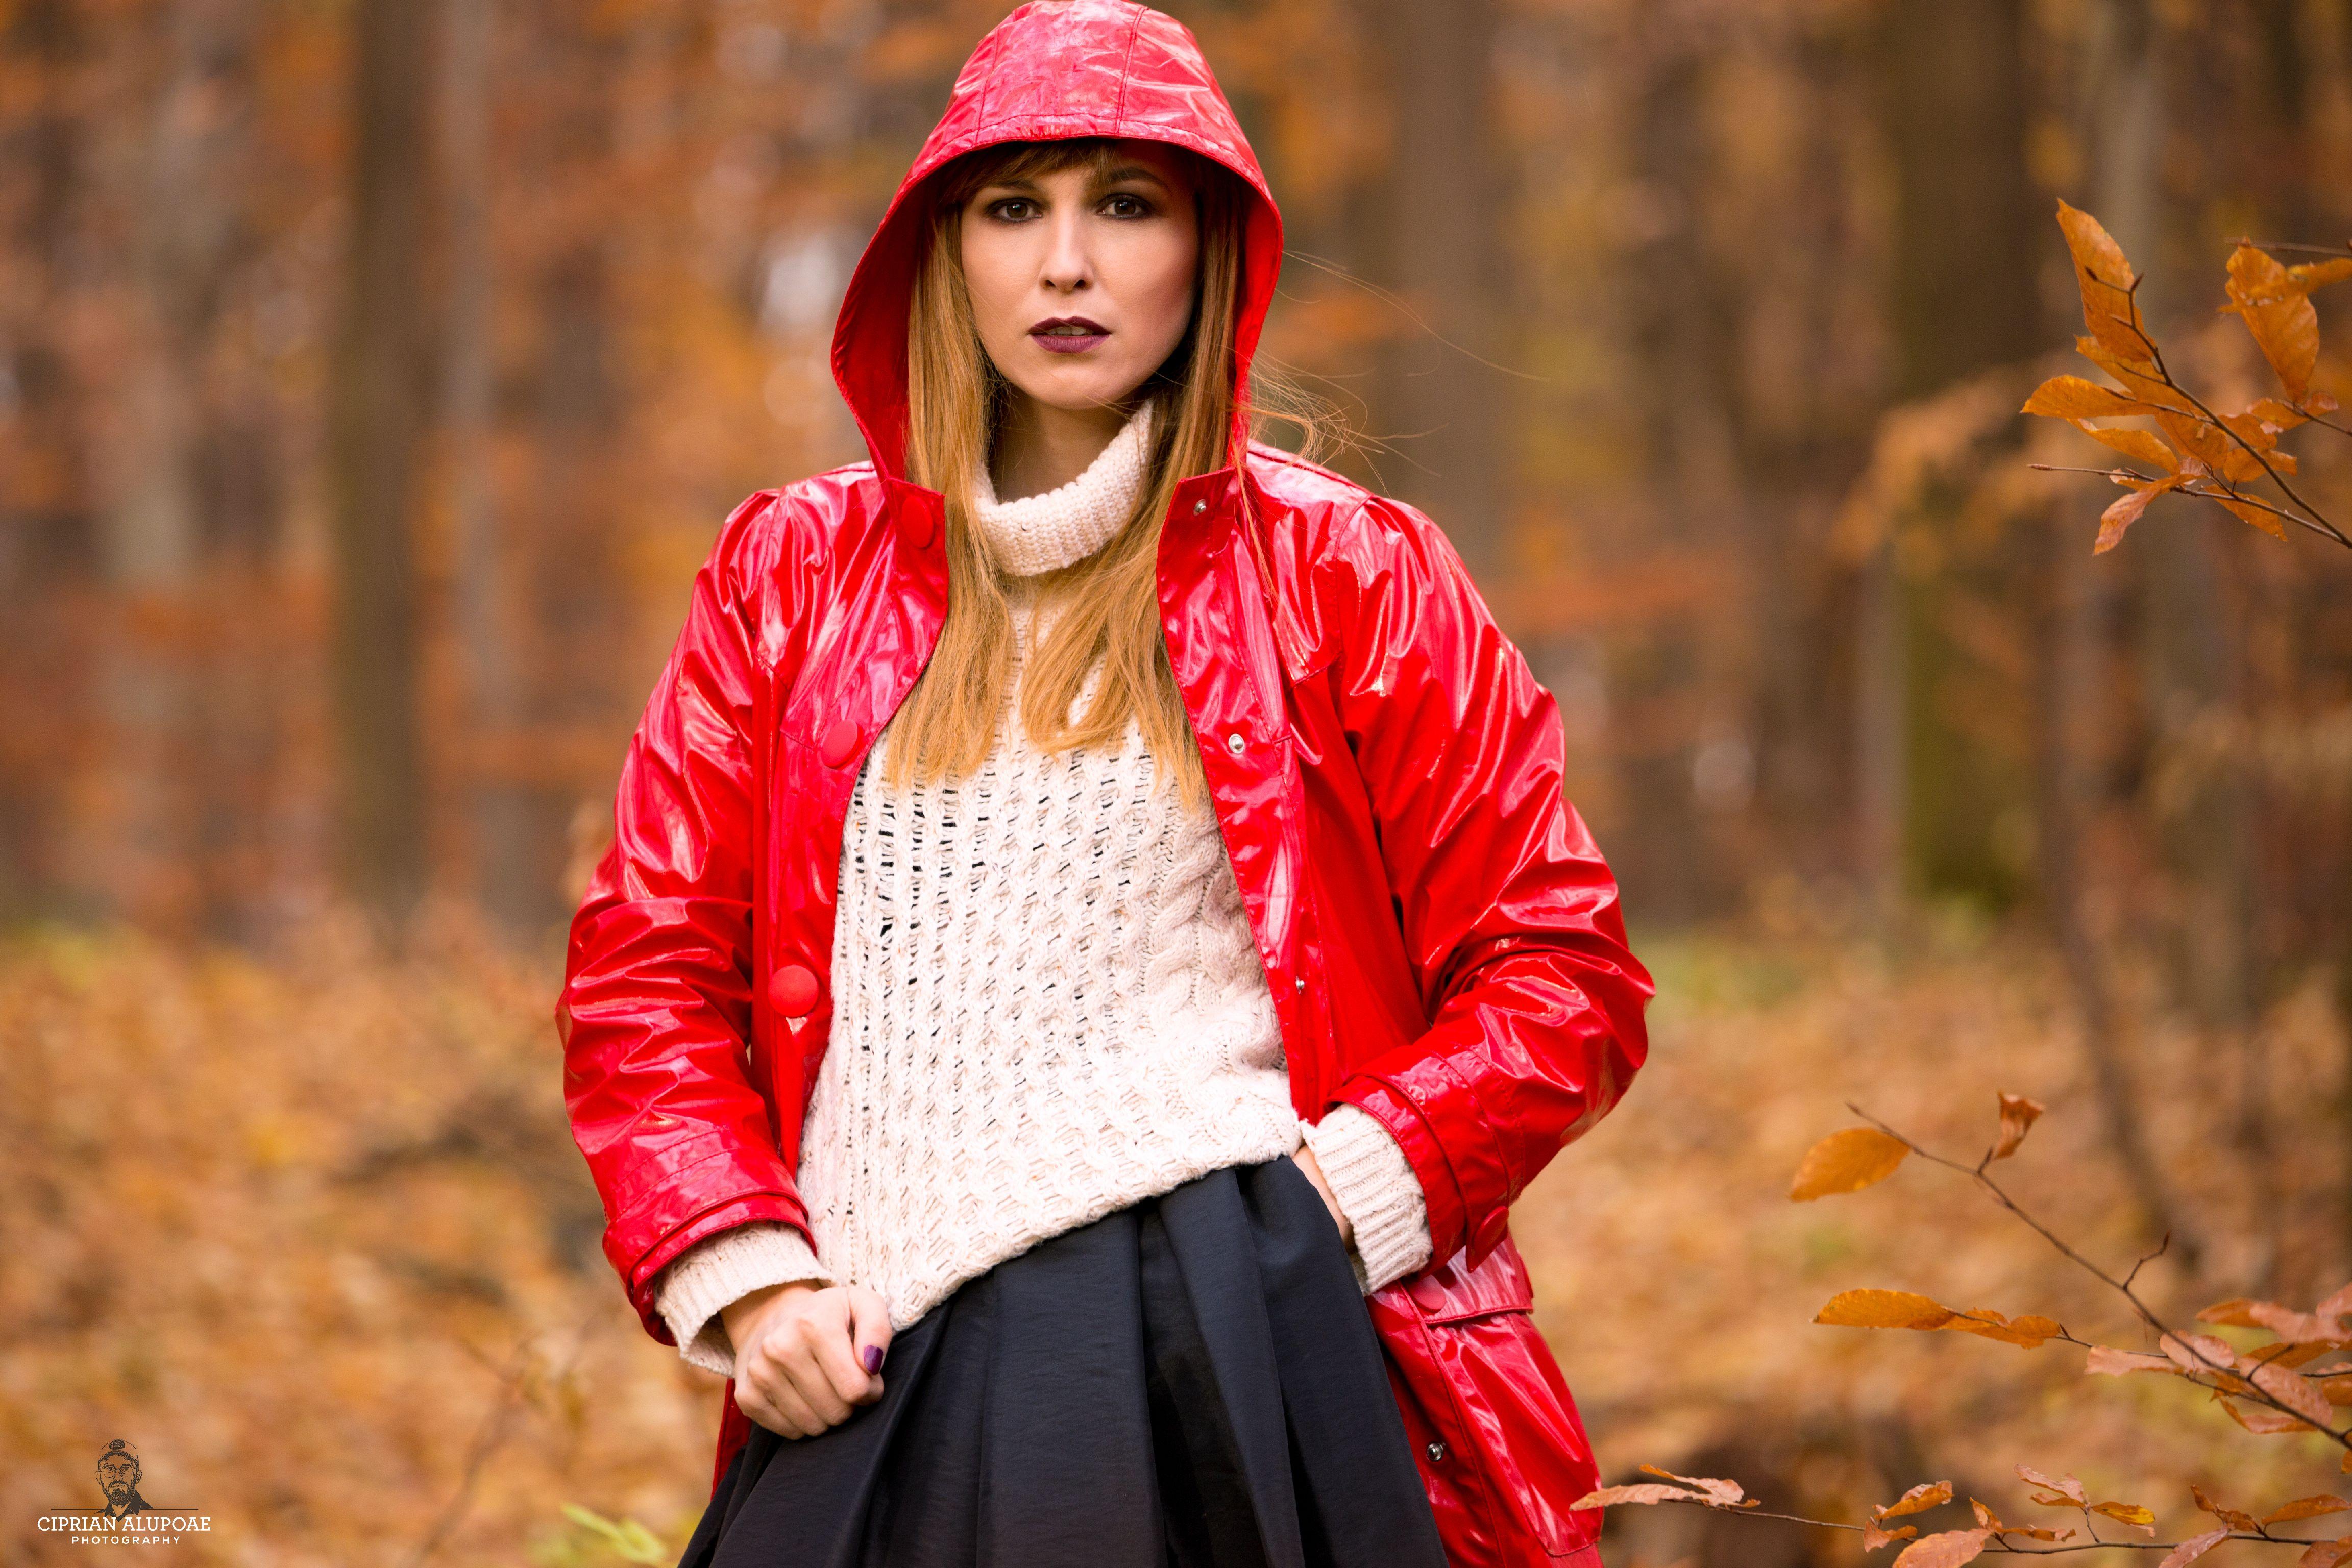 blogger-de-moda-iasi-daniela-macsim-31